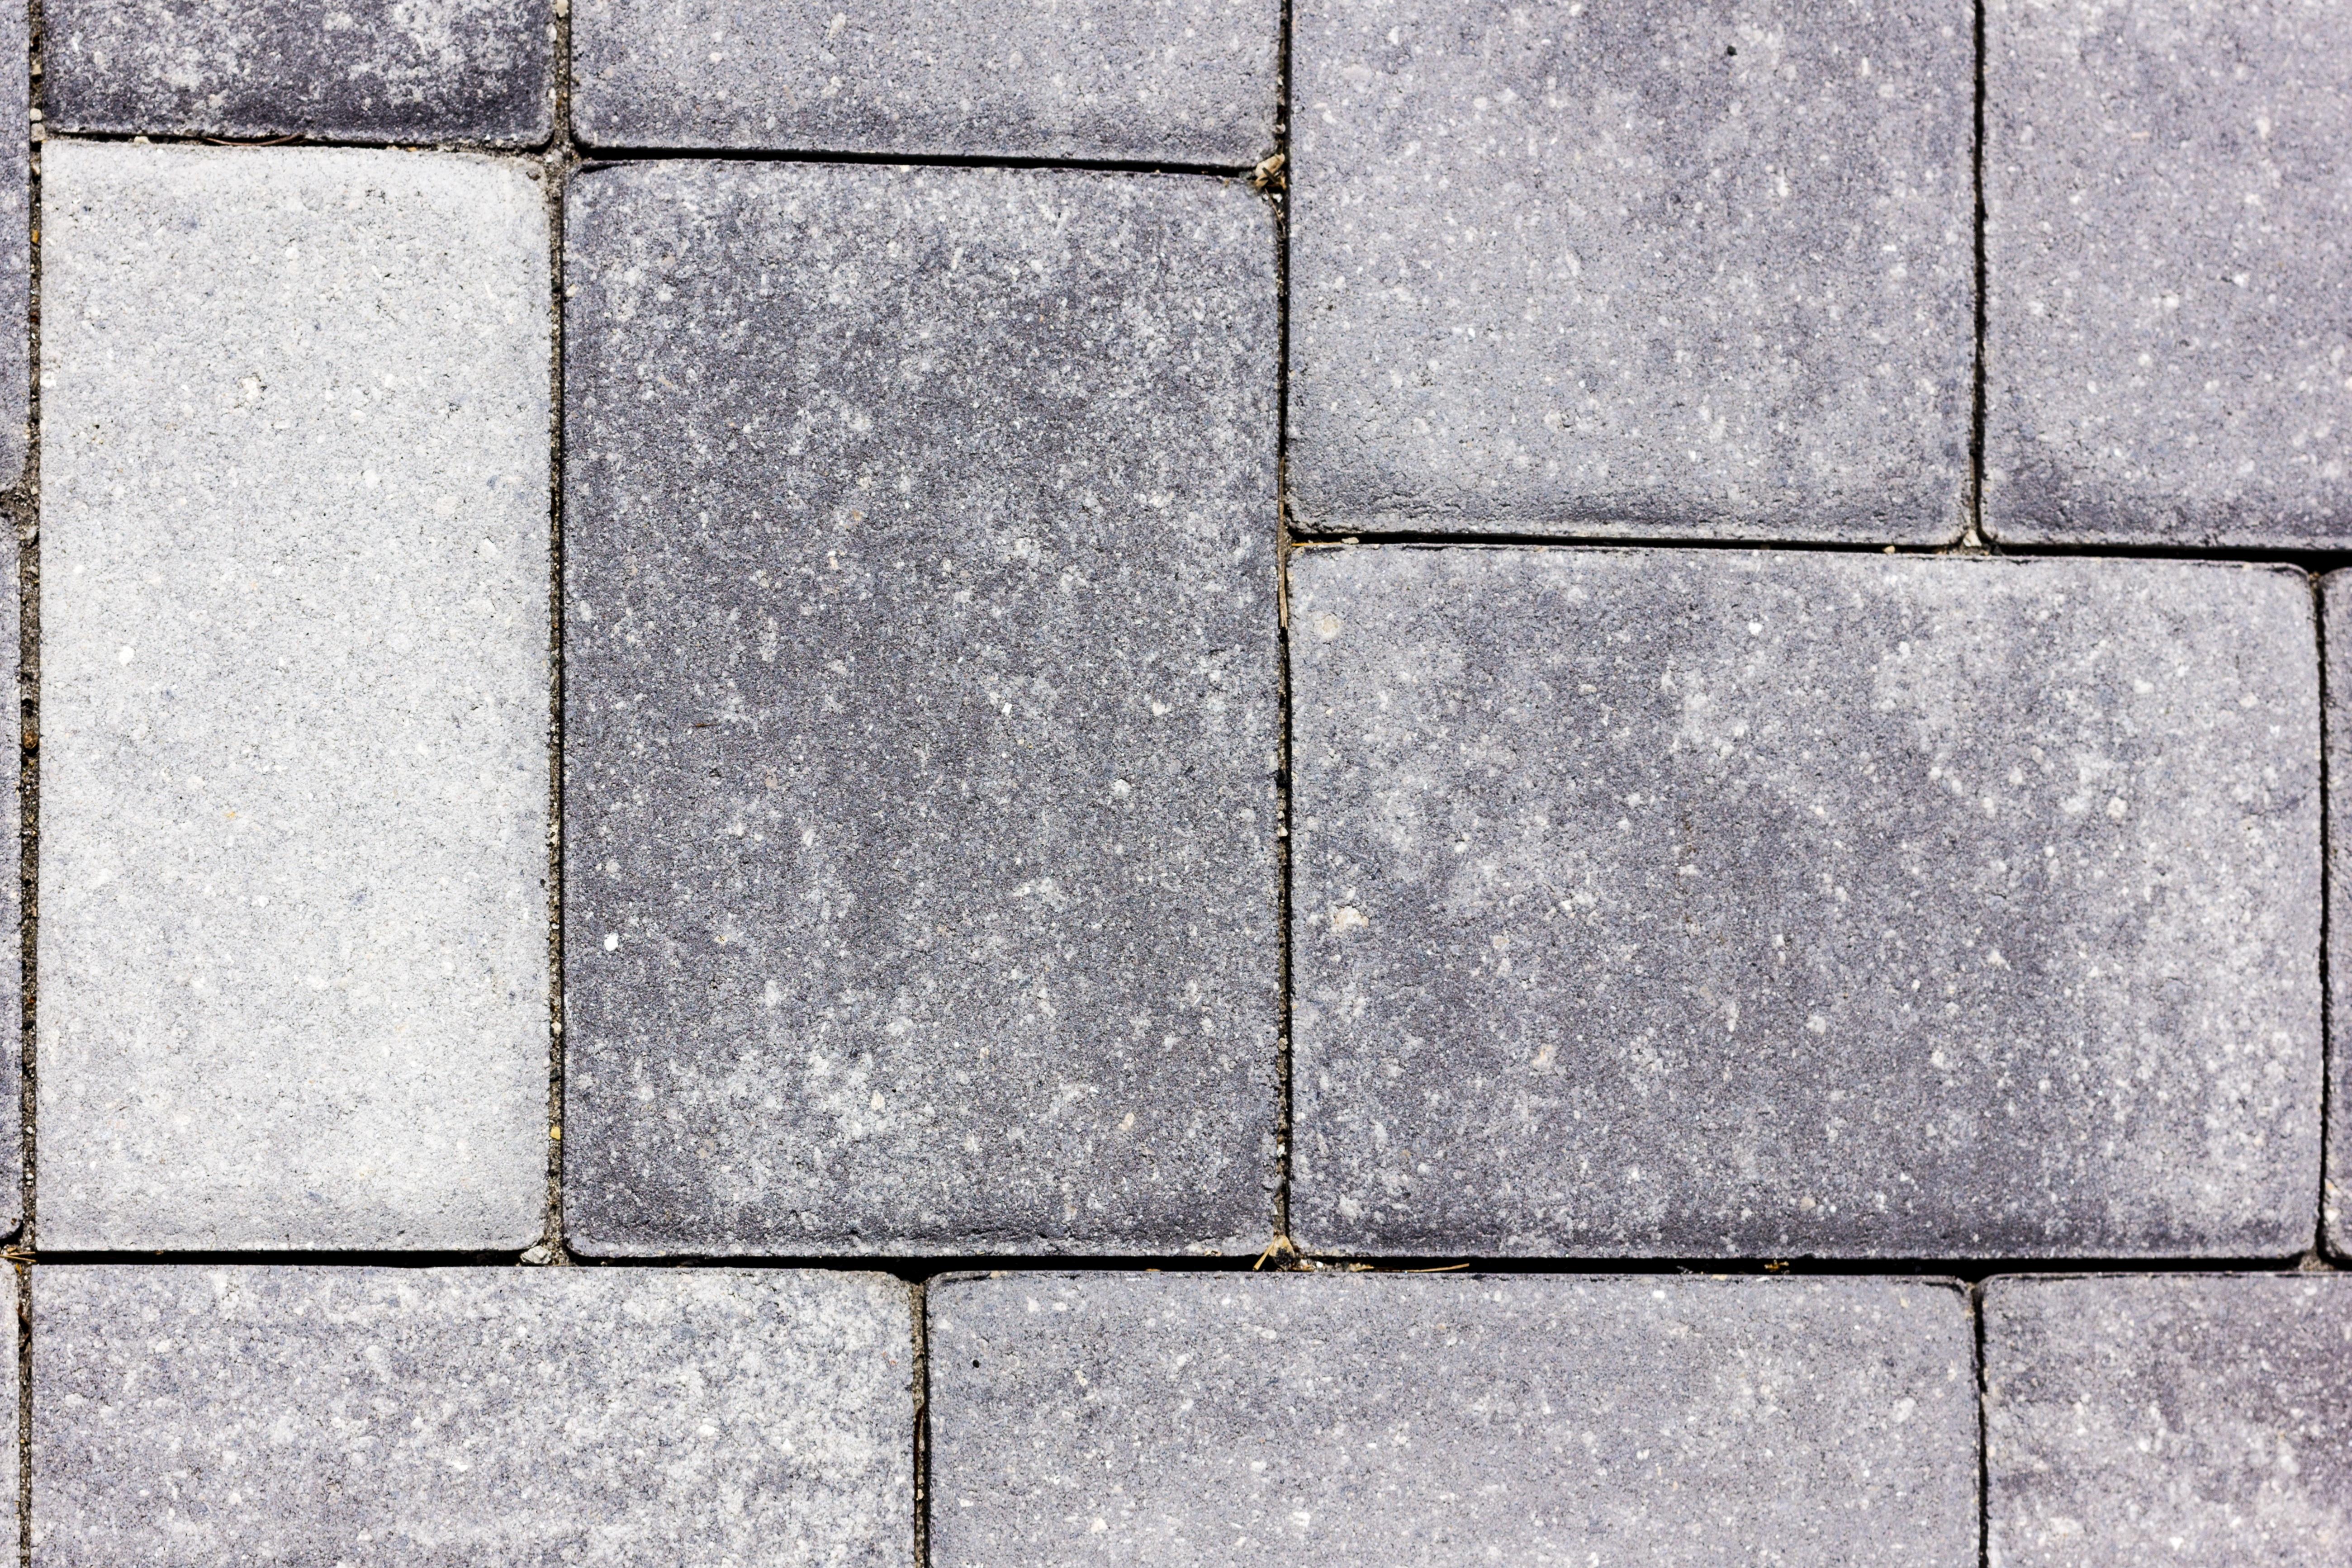 textura piso guijarro pared asfalto patrn geomtrico geometra azulejo pared de piedra ladrillo material art diseo